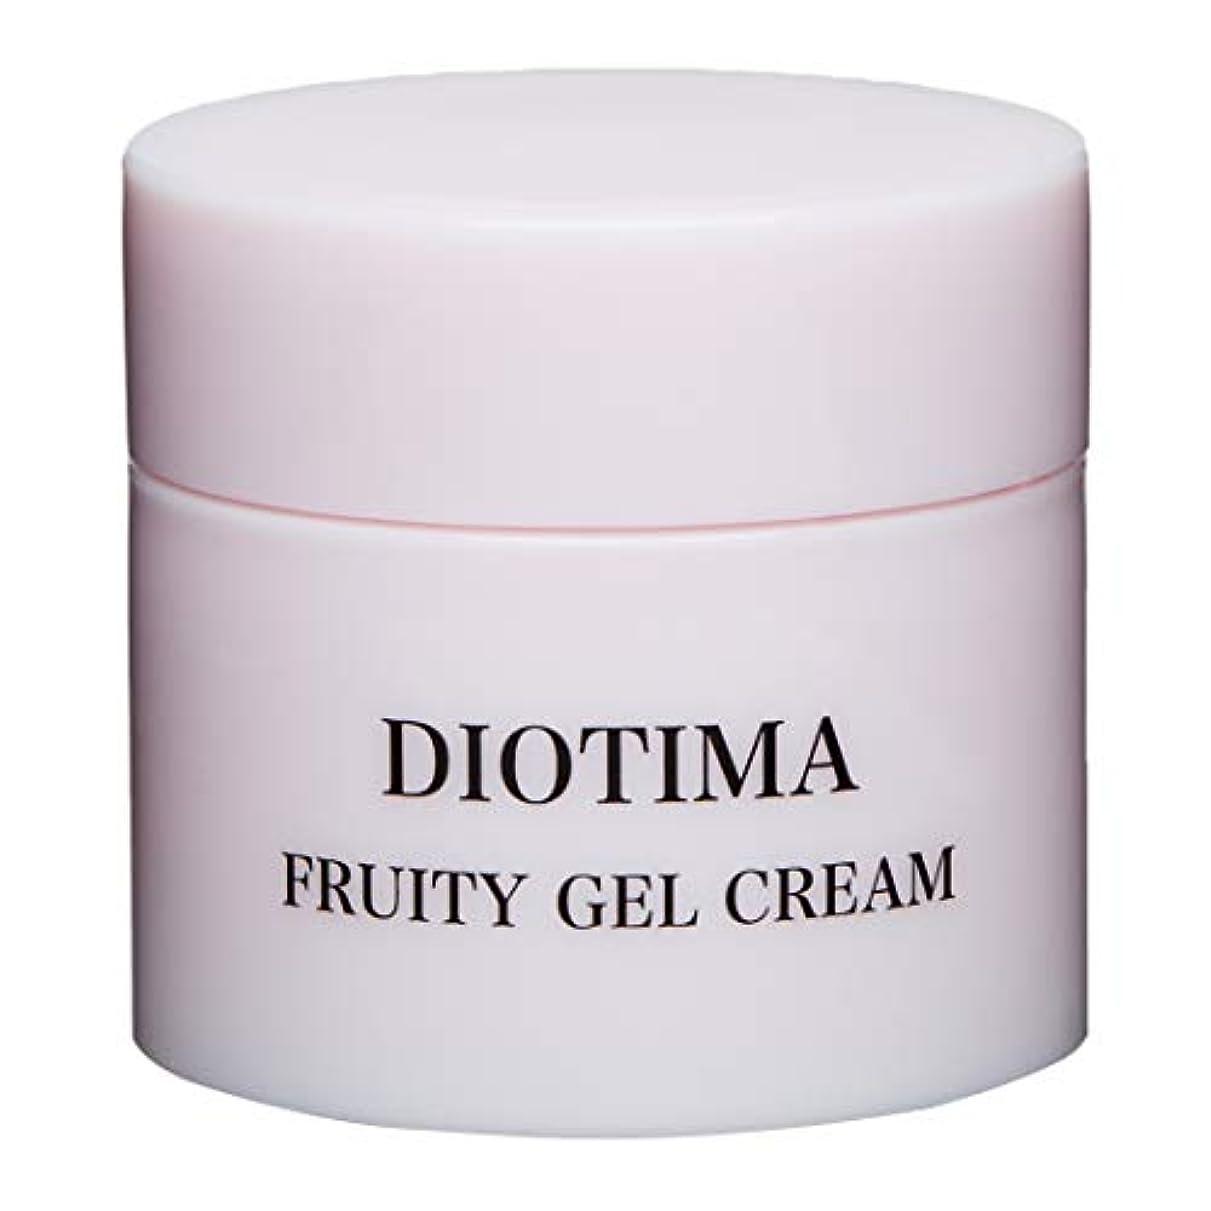 洗う集める思いつくDUITIMA(ディオティマ) ディオティマ フルーティジェルクリーム オールインワン 60g